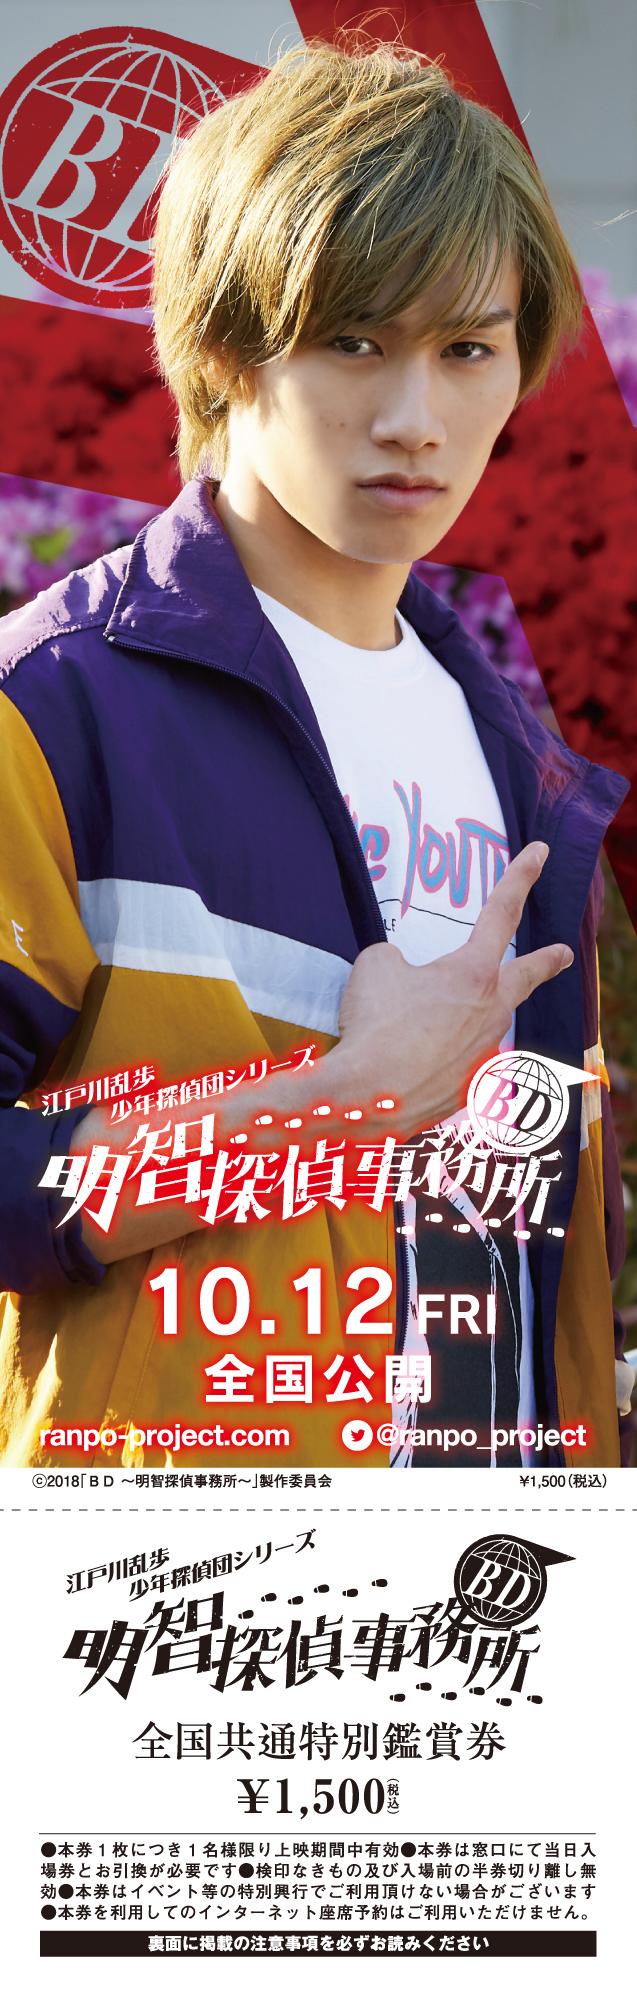 ticket_omote10.jpg